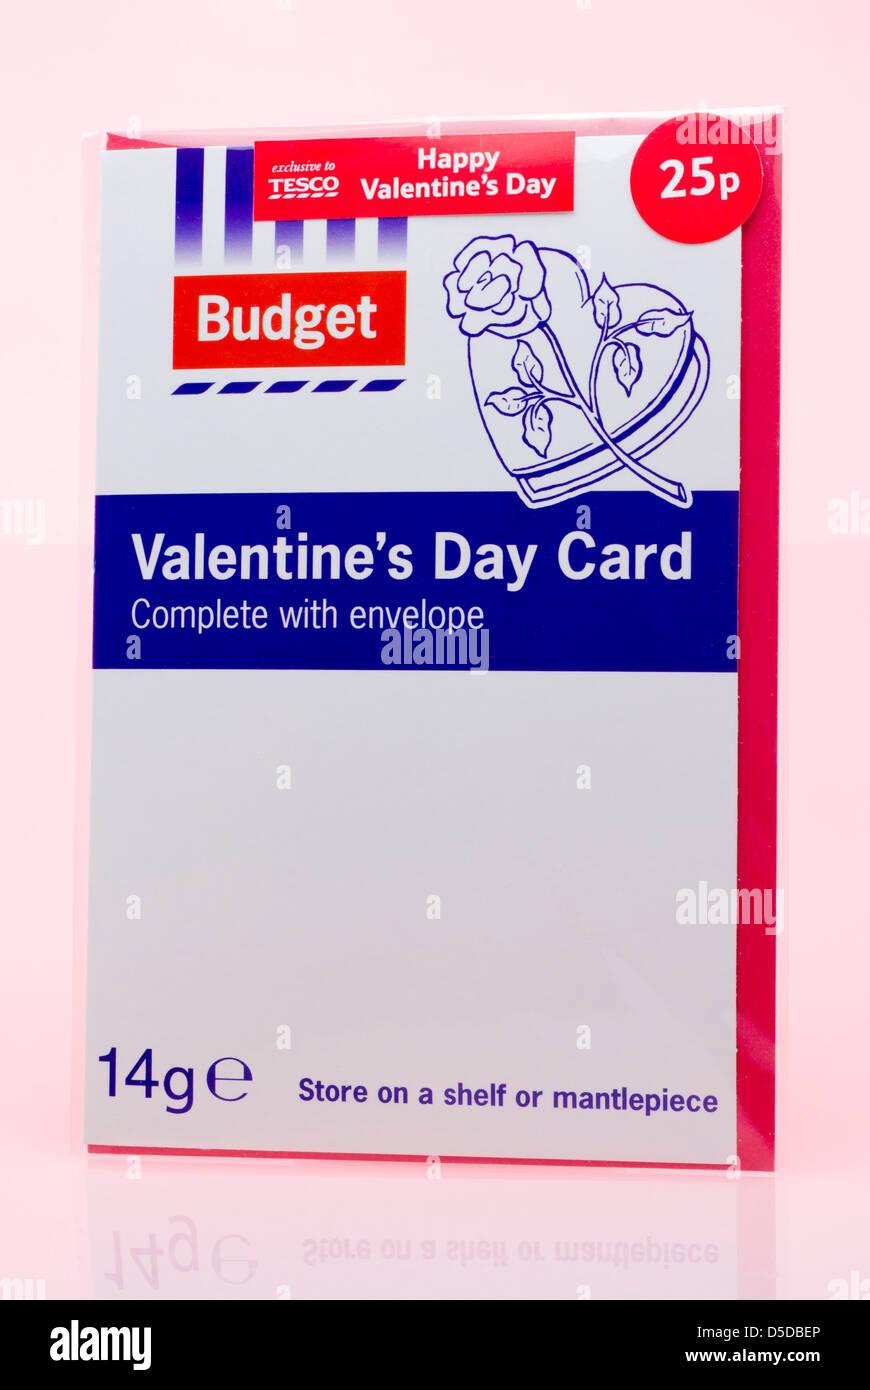 Tesco Budget Valentine S Day Card Stock Photo 54998798 Alamy